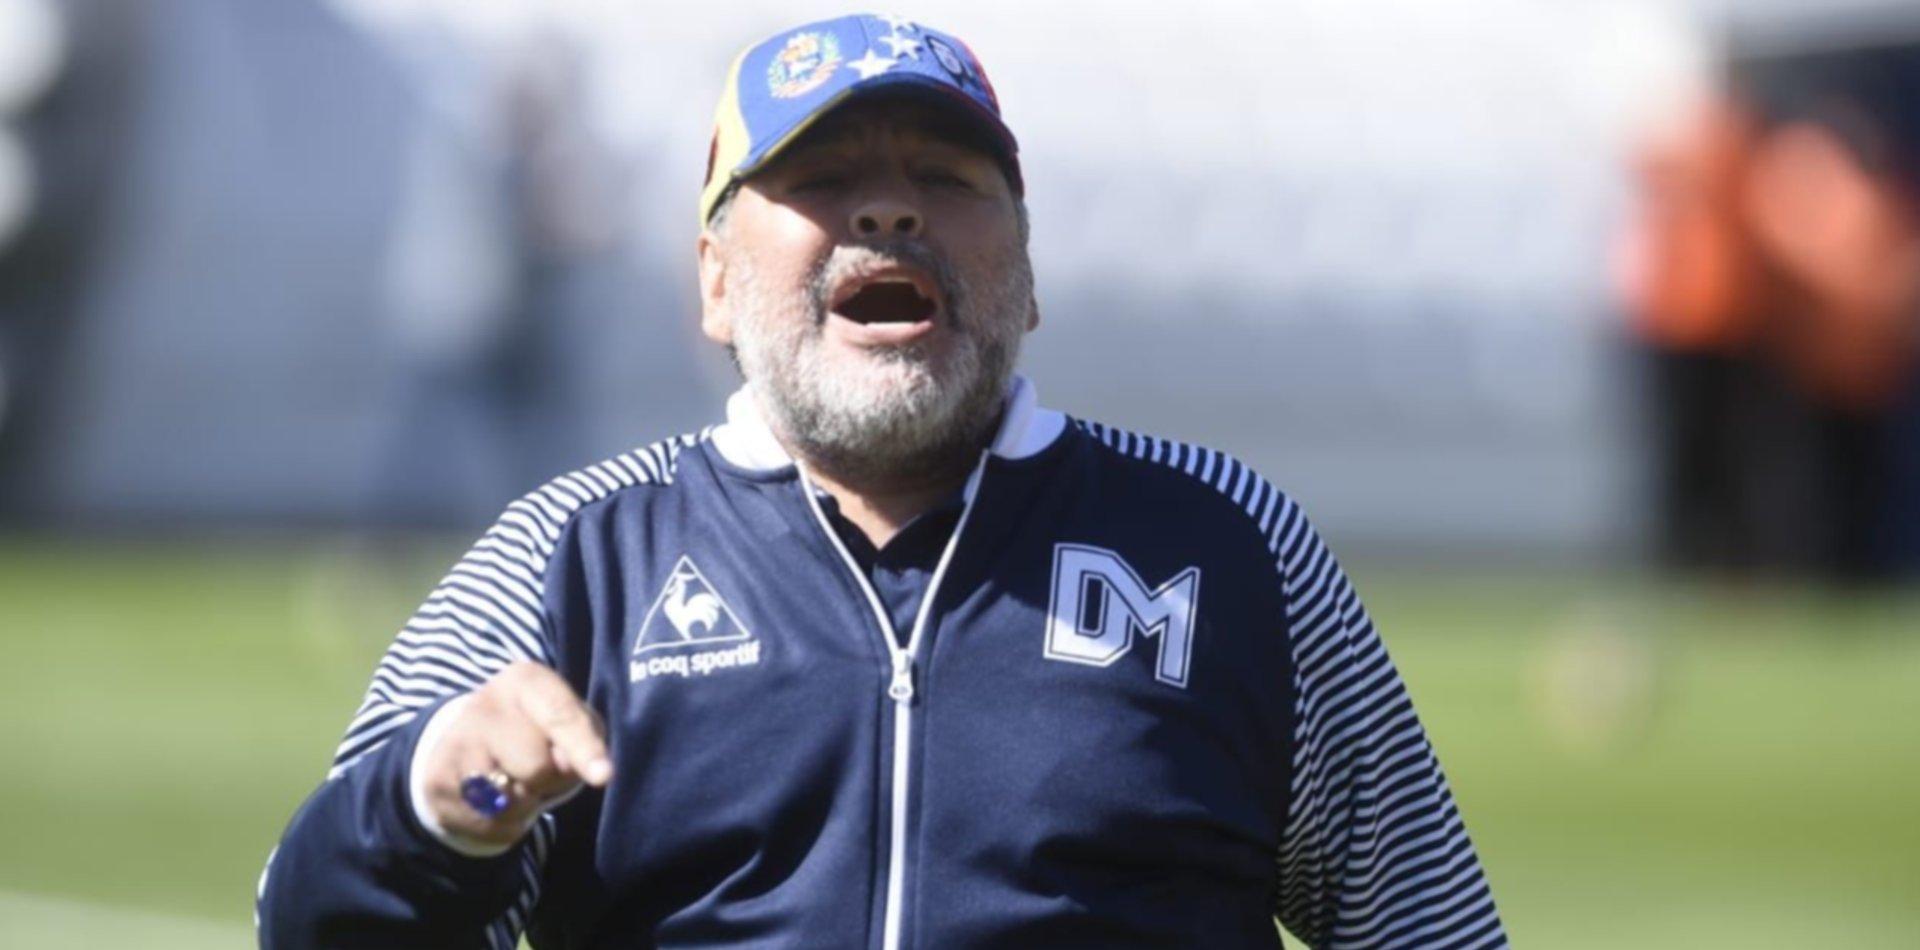 El mensaje de Diego Maradona tras la liberación de Lula Da Silva en Brasil